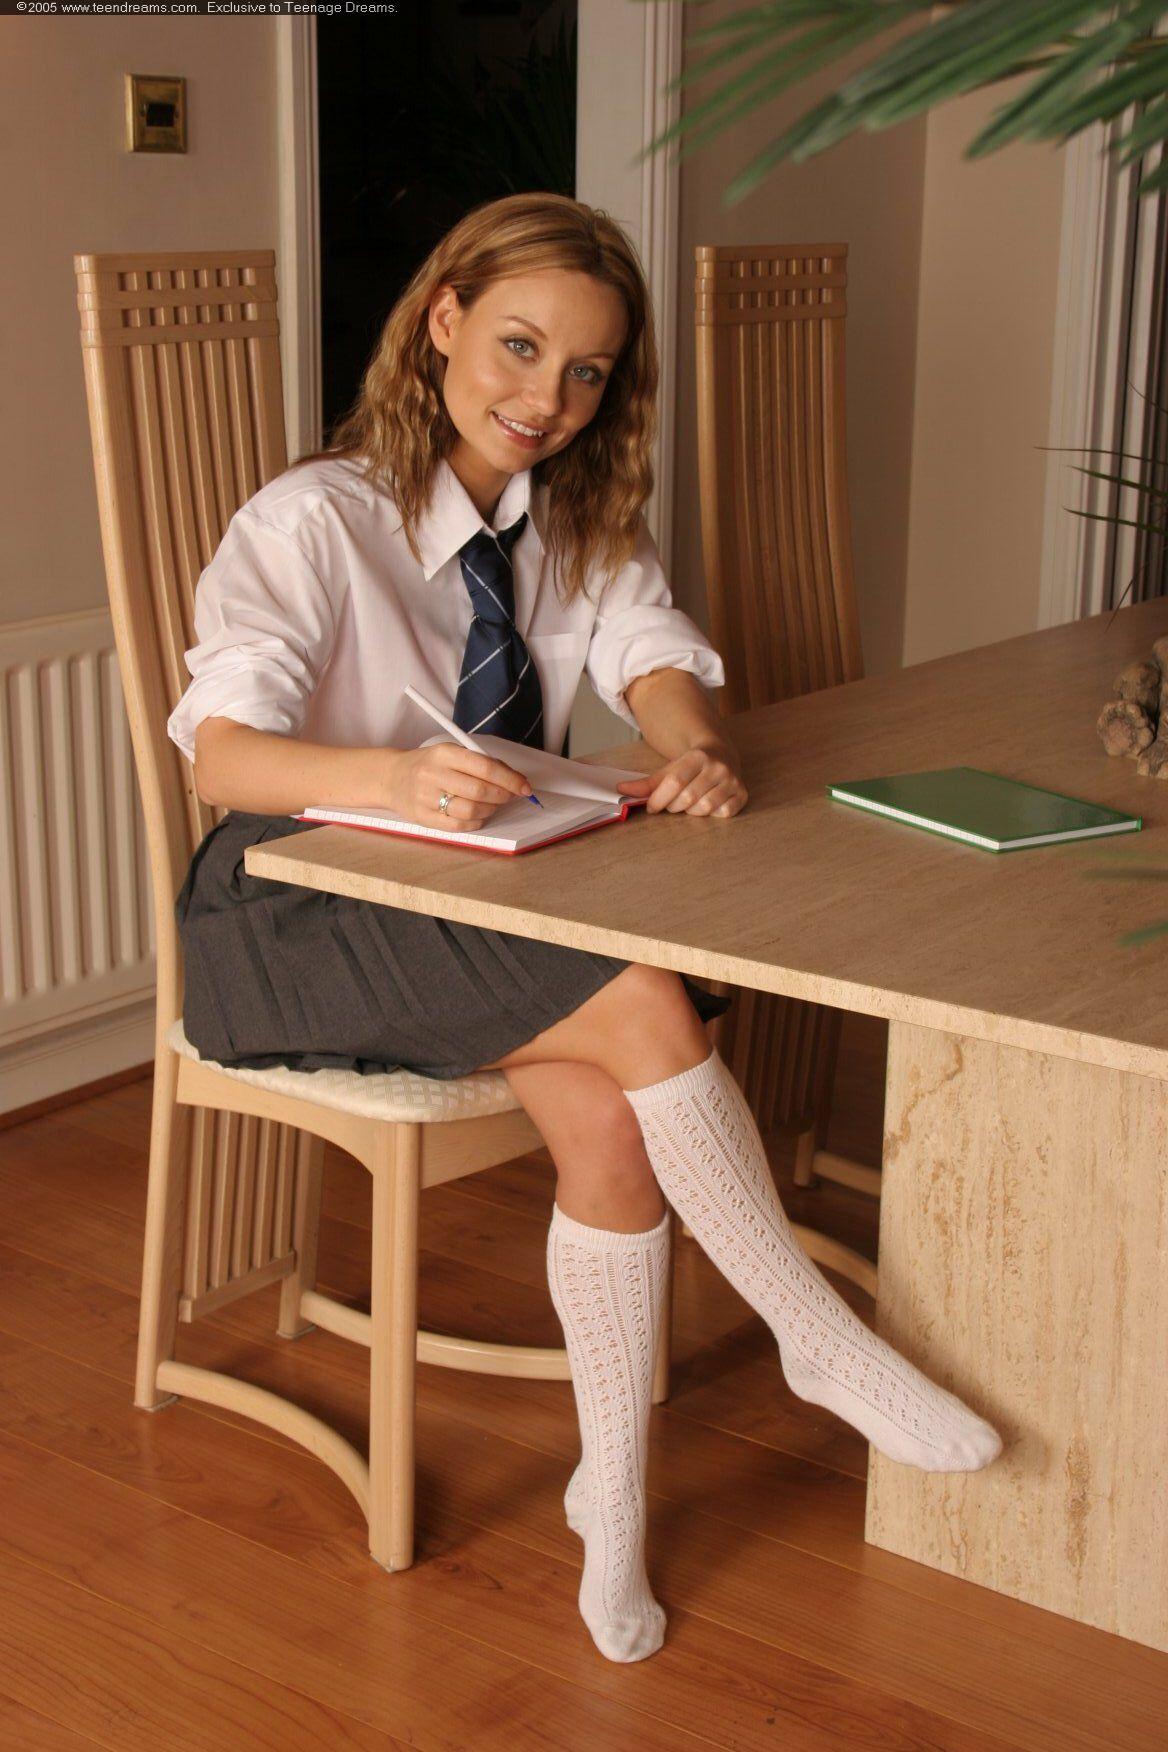 [COSPLACOOL]Thick Reto Women Fashion Hot Thigh High Socks